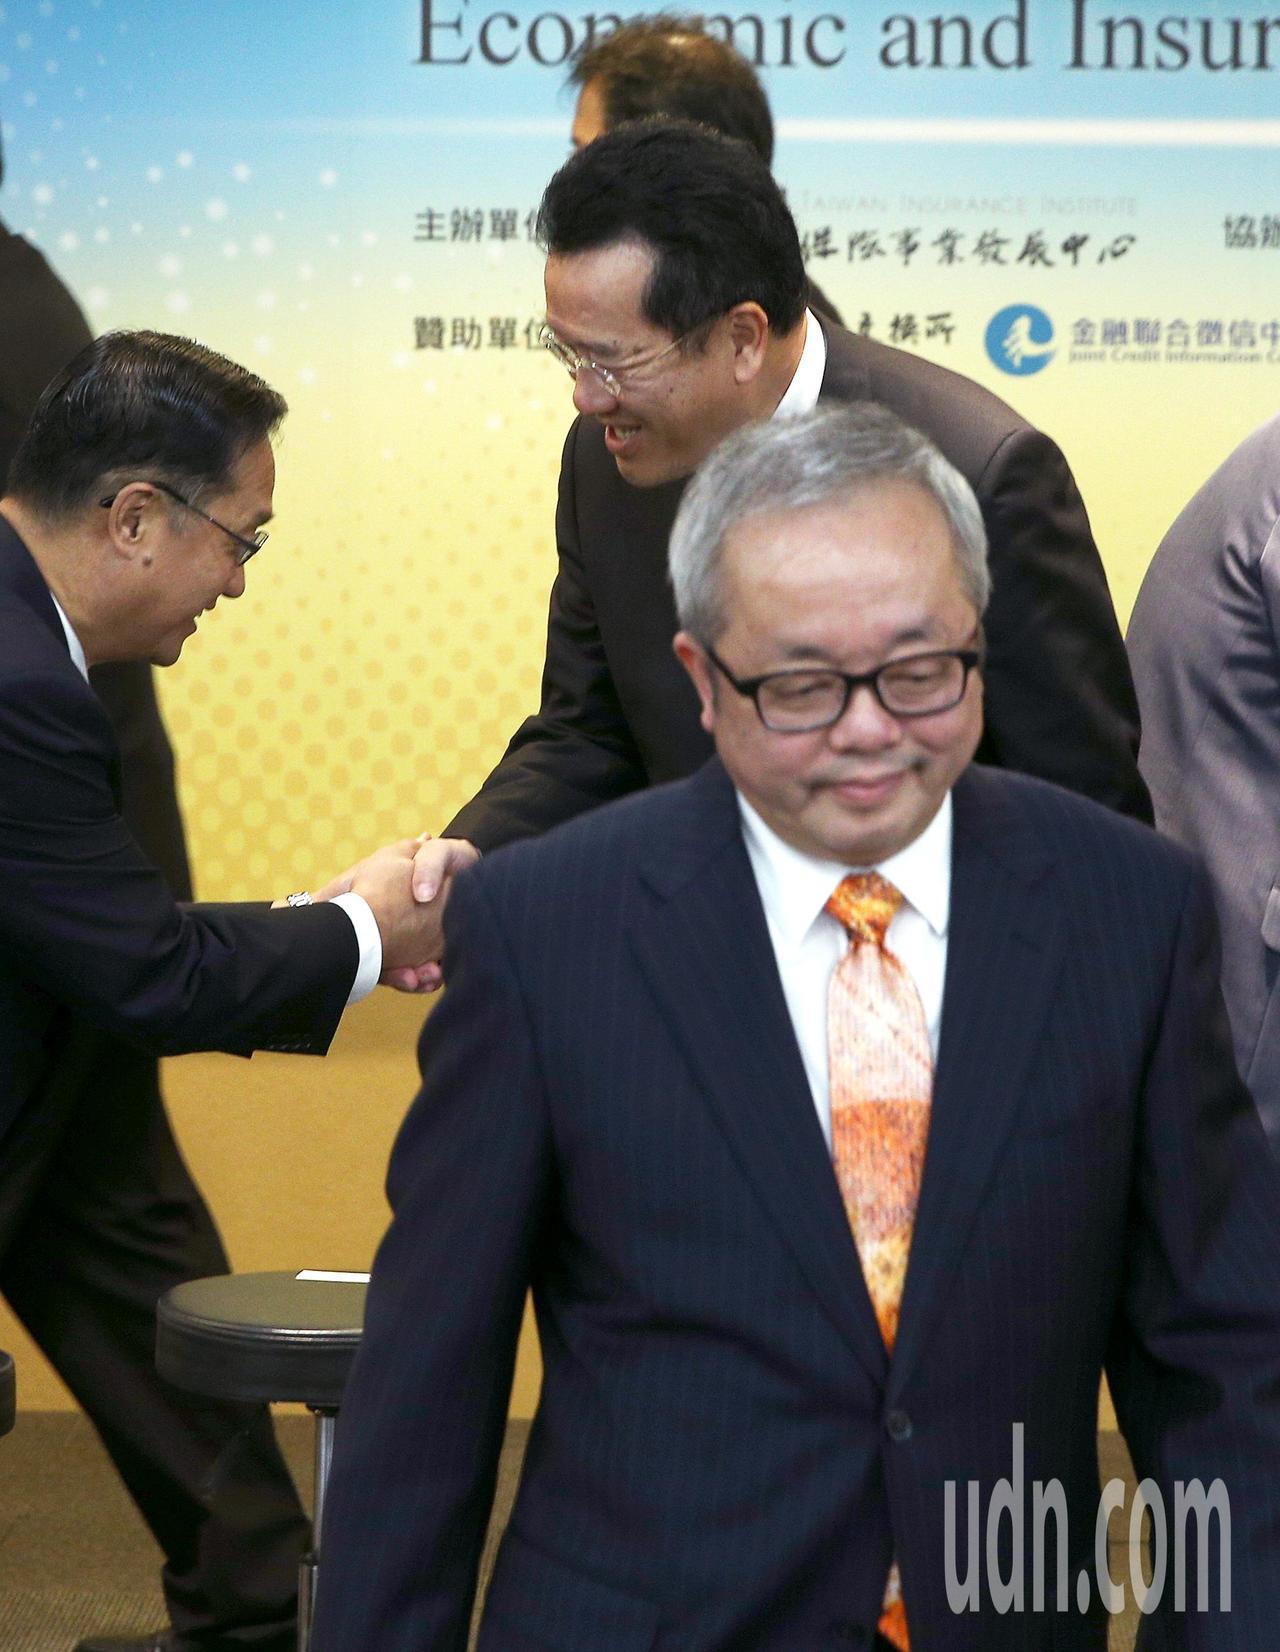 行政院副院長施俊吉(右前)與金管會主委顧立雄(右後)日前針對38家本國銀行是否家...